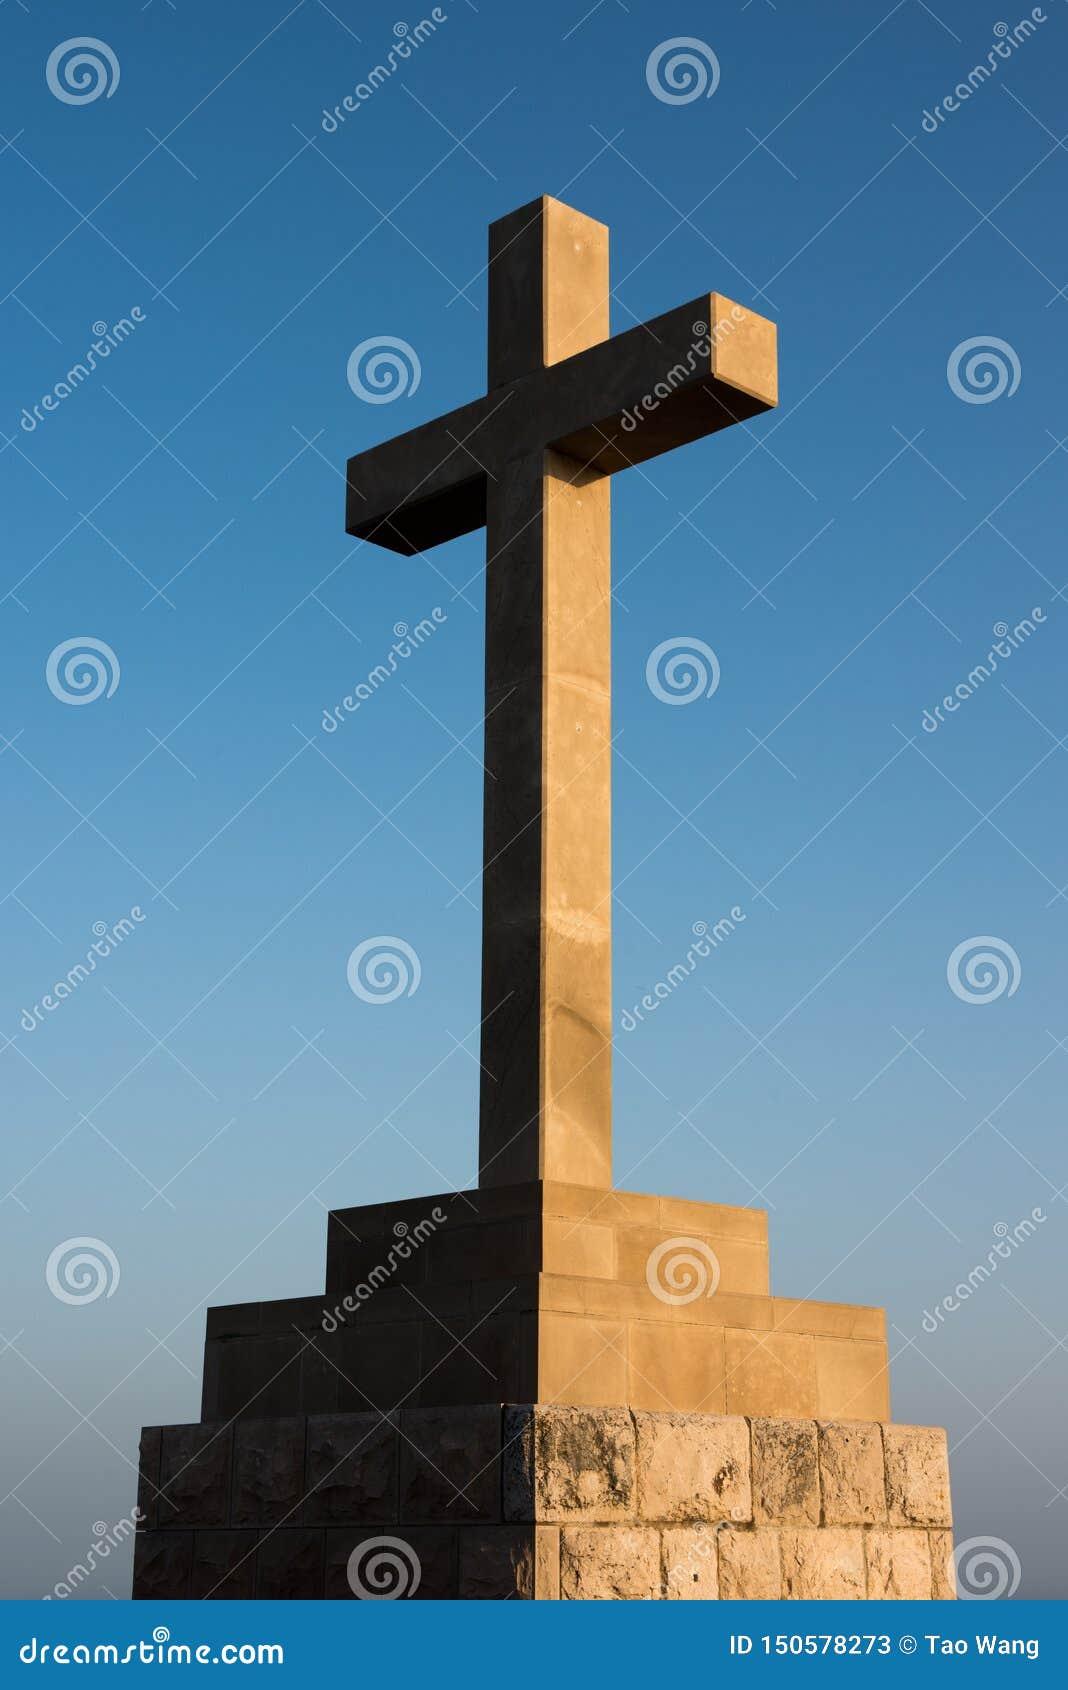 A christian cross under sunset